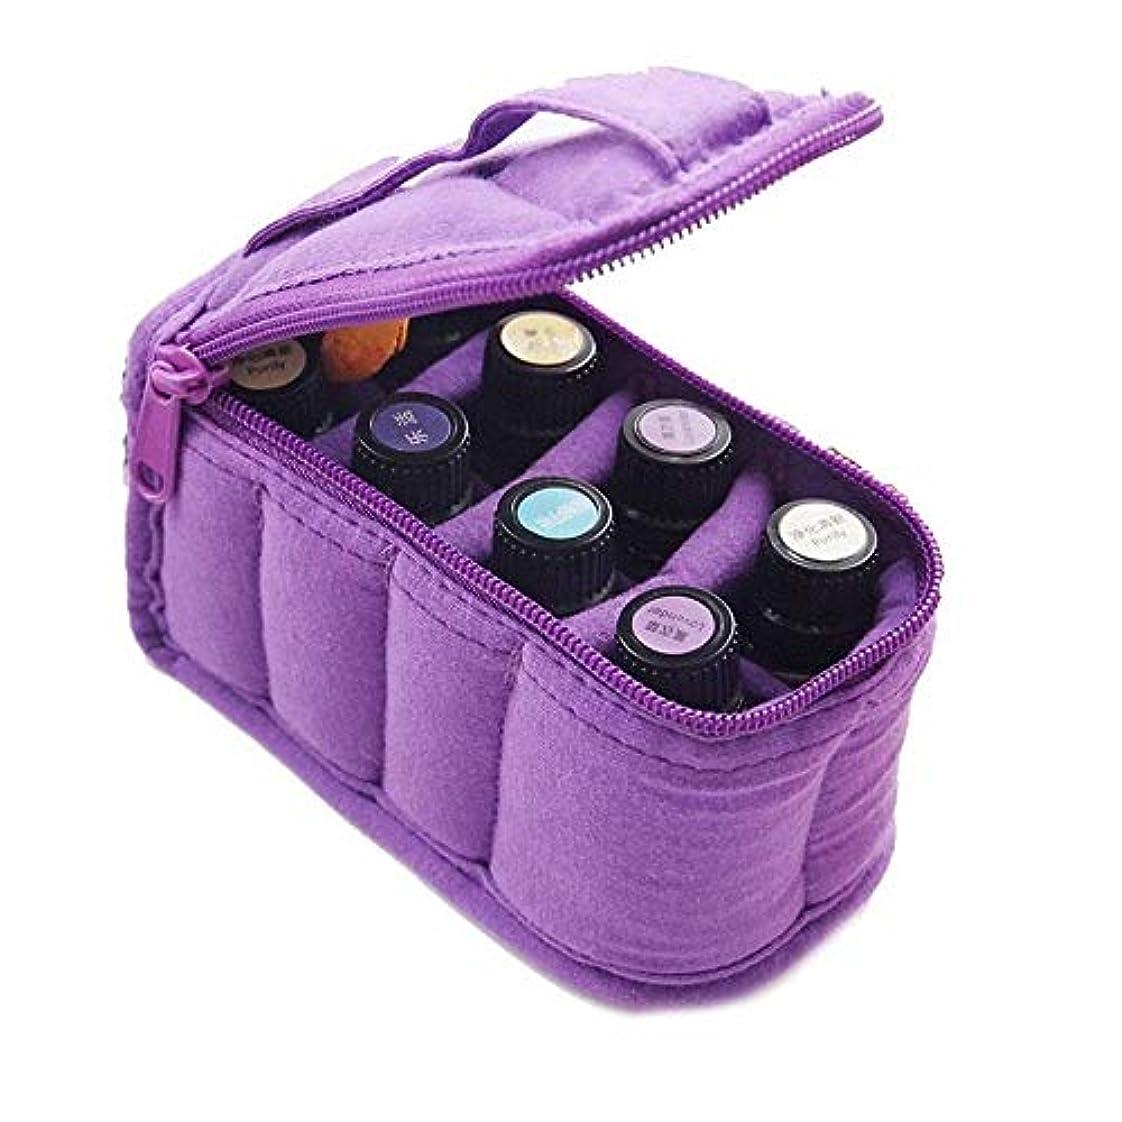 割り込み必要性条件付きエッセンシャルオイルの保管 ケースプレミアム保護キャリングエッセンシャルオイルは10-15MLエッセンシャルオイルオーガナイザーバッグ(トップのハンドルキャリー)開催します (色 : 紫の, サイズ : 13X7X7.5CM)